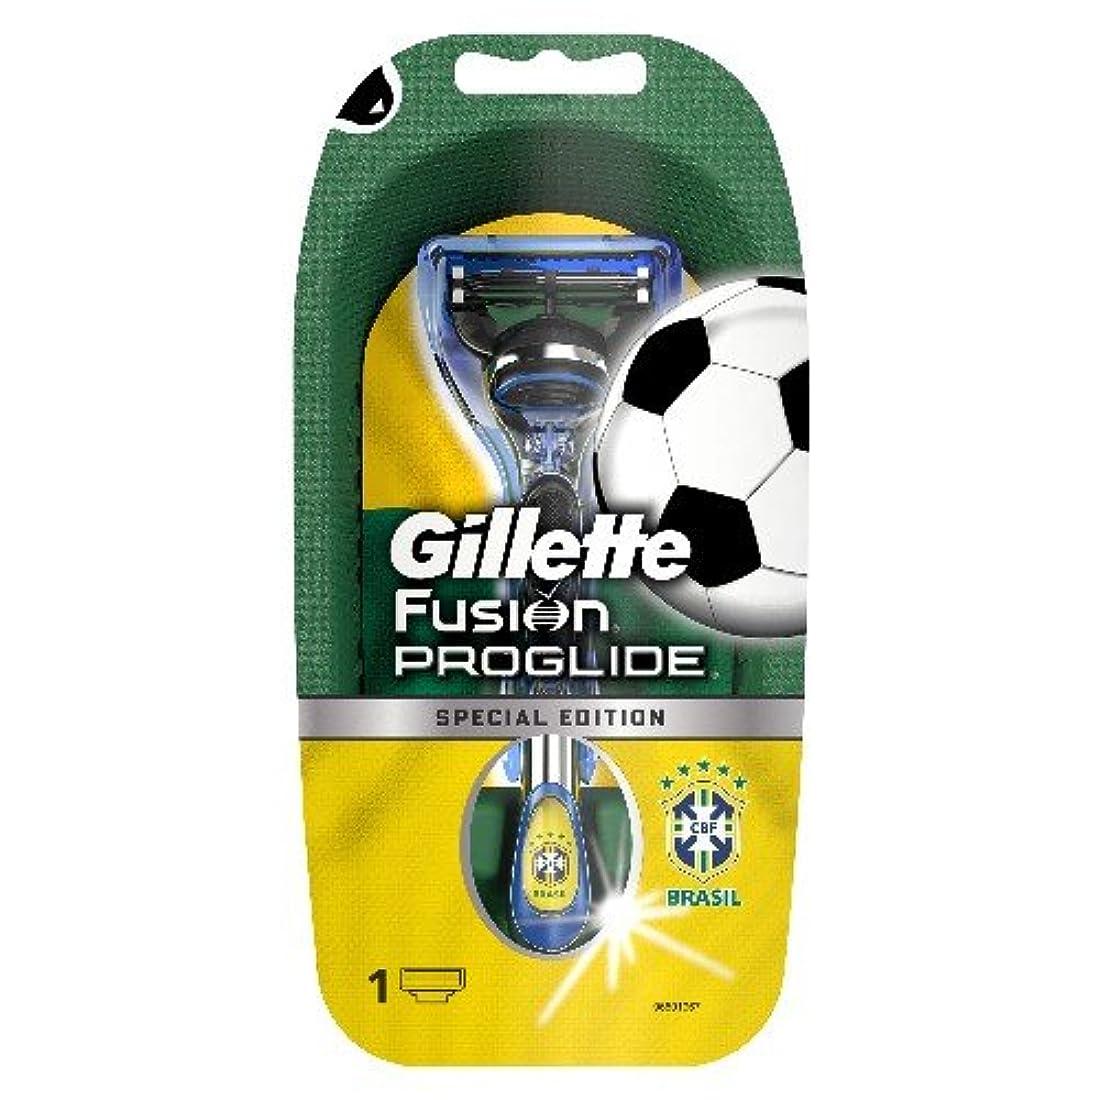 インストールシンポジウム木曜日【数量限定品】 ジレット プログライド サッカーブラジルモデルホルダー